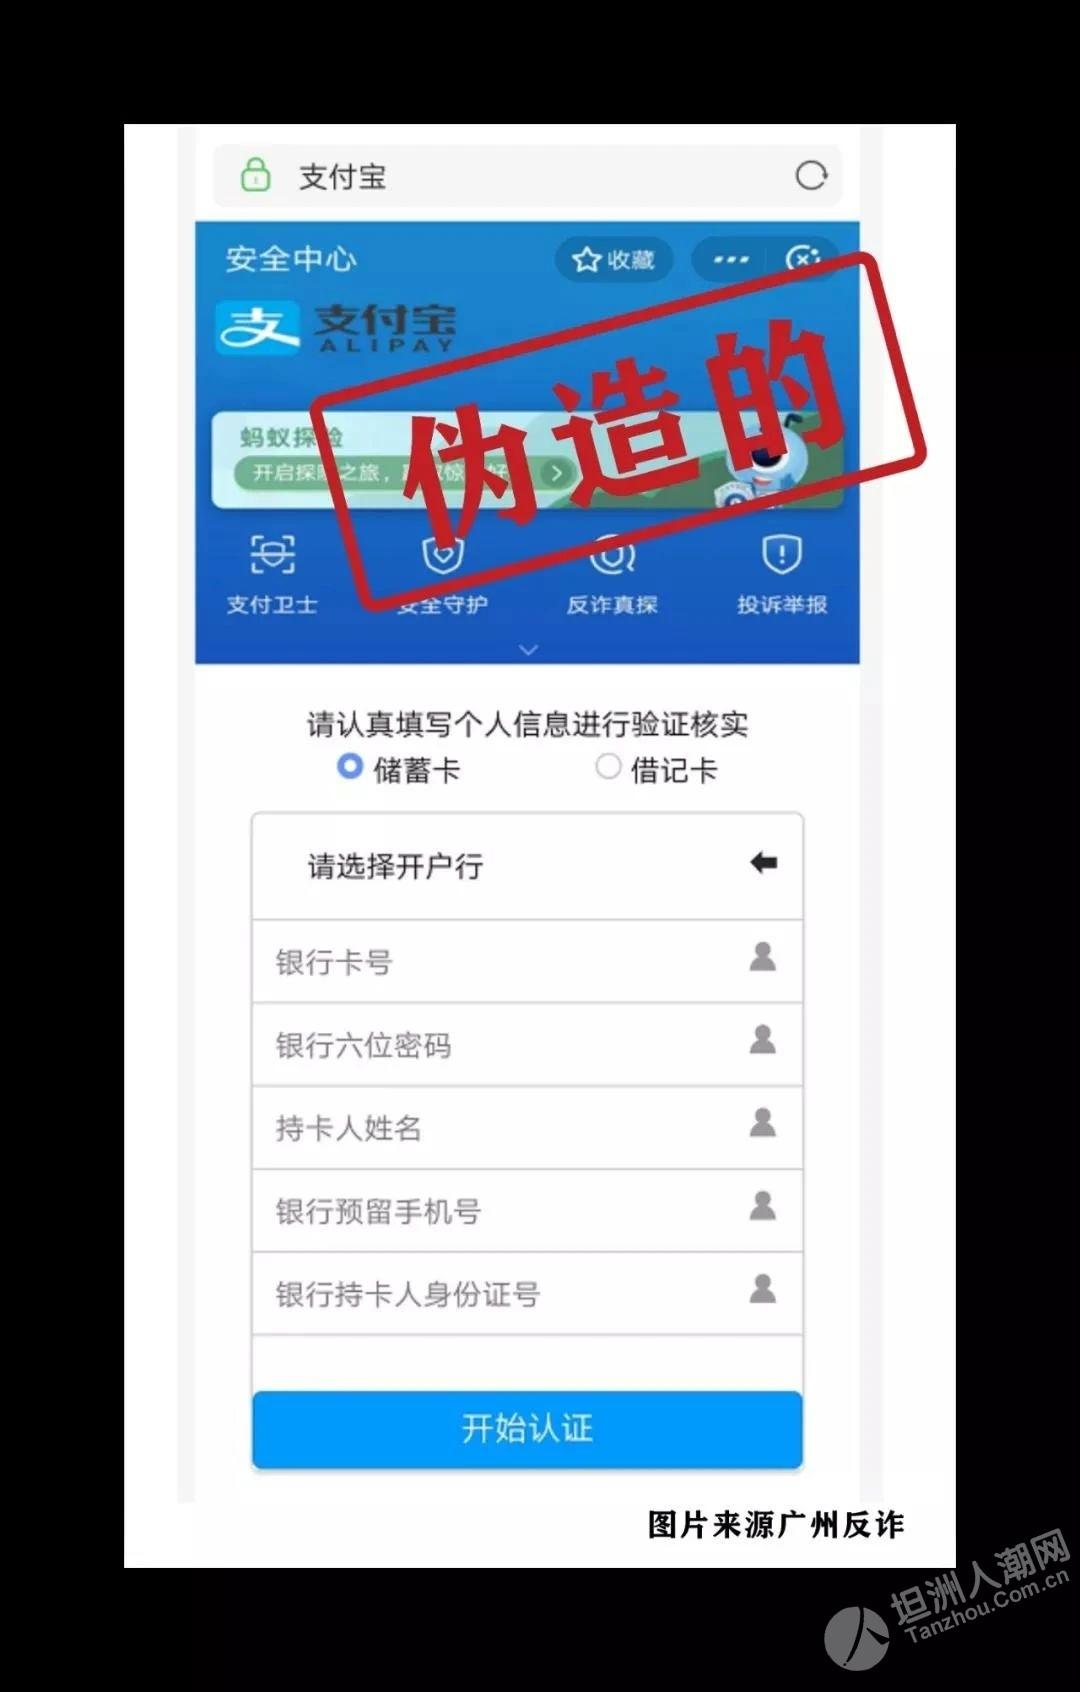 坦洲网友收到这条短信马上删掉,已有人受骗!